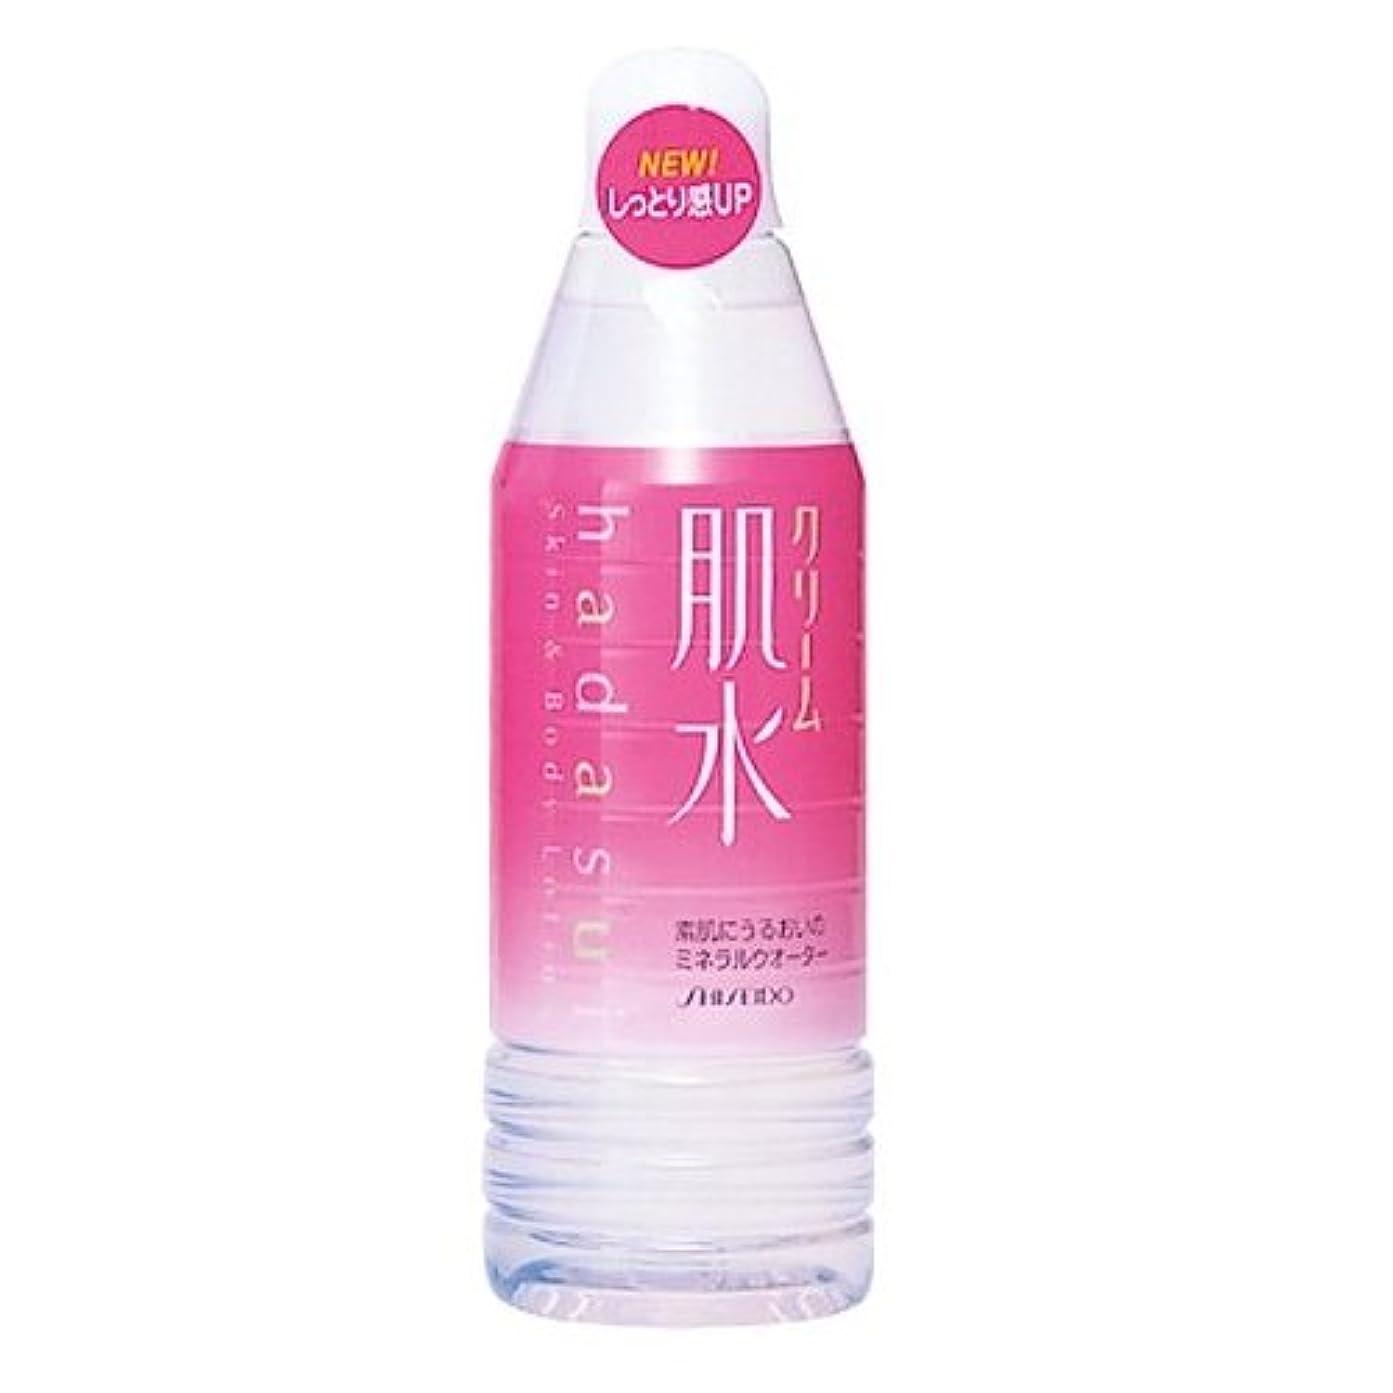 ミシン目コンサート累積クリーム肌水 400ml ボトルタイプ